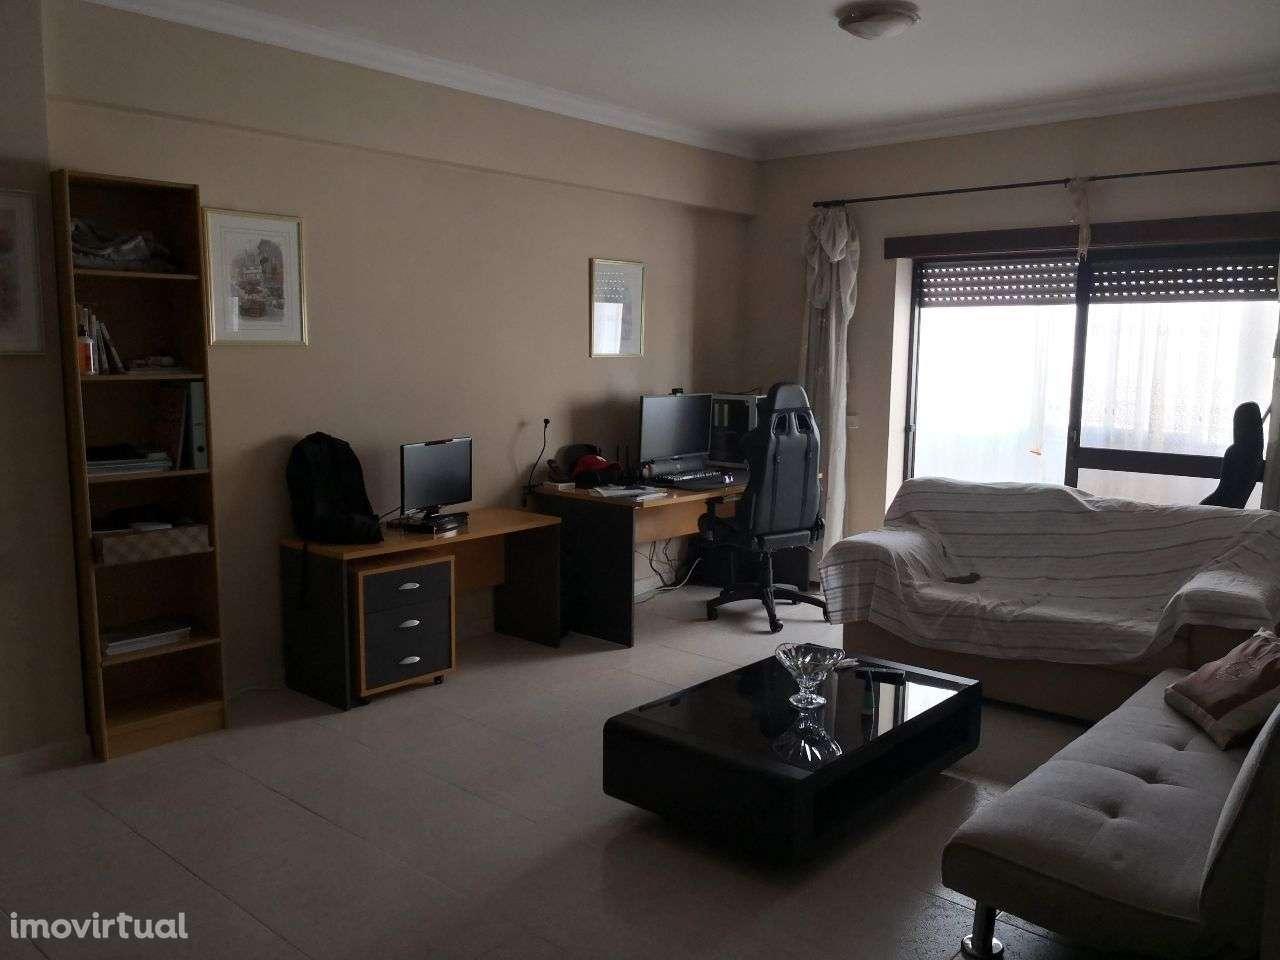 Apartamento para arrendar, Fundão, Valverde, Donas, Aldeia de Joanes e Aldeia Nova do Cabo, Castelo Branco - Foto 3